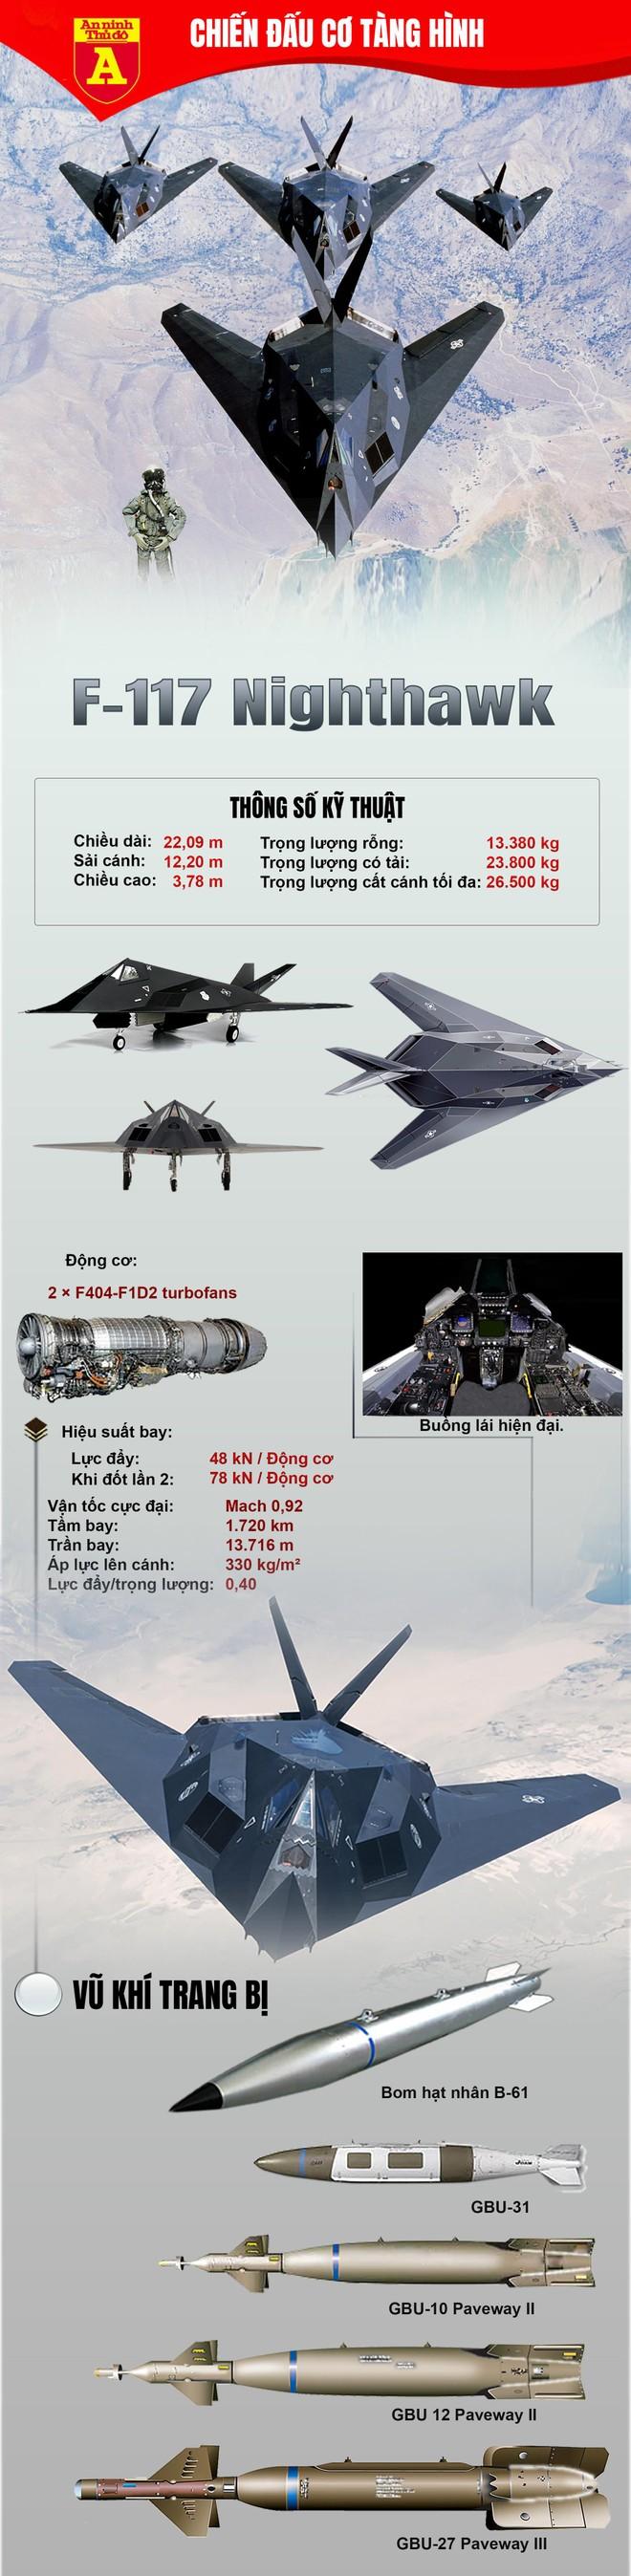 [Info] Phi cơ tàng hình Mỹ đóng giả tên lửa hành trình của đối phương ảnh 4